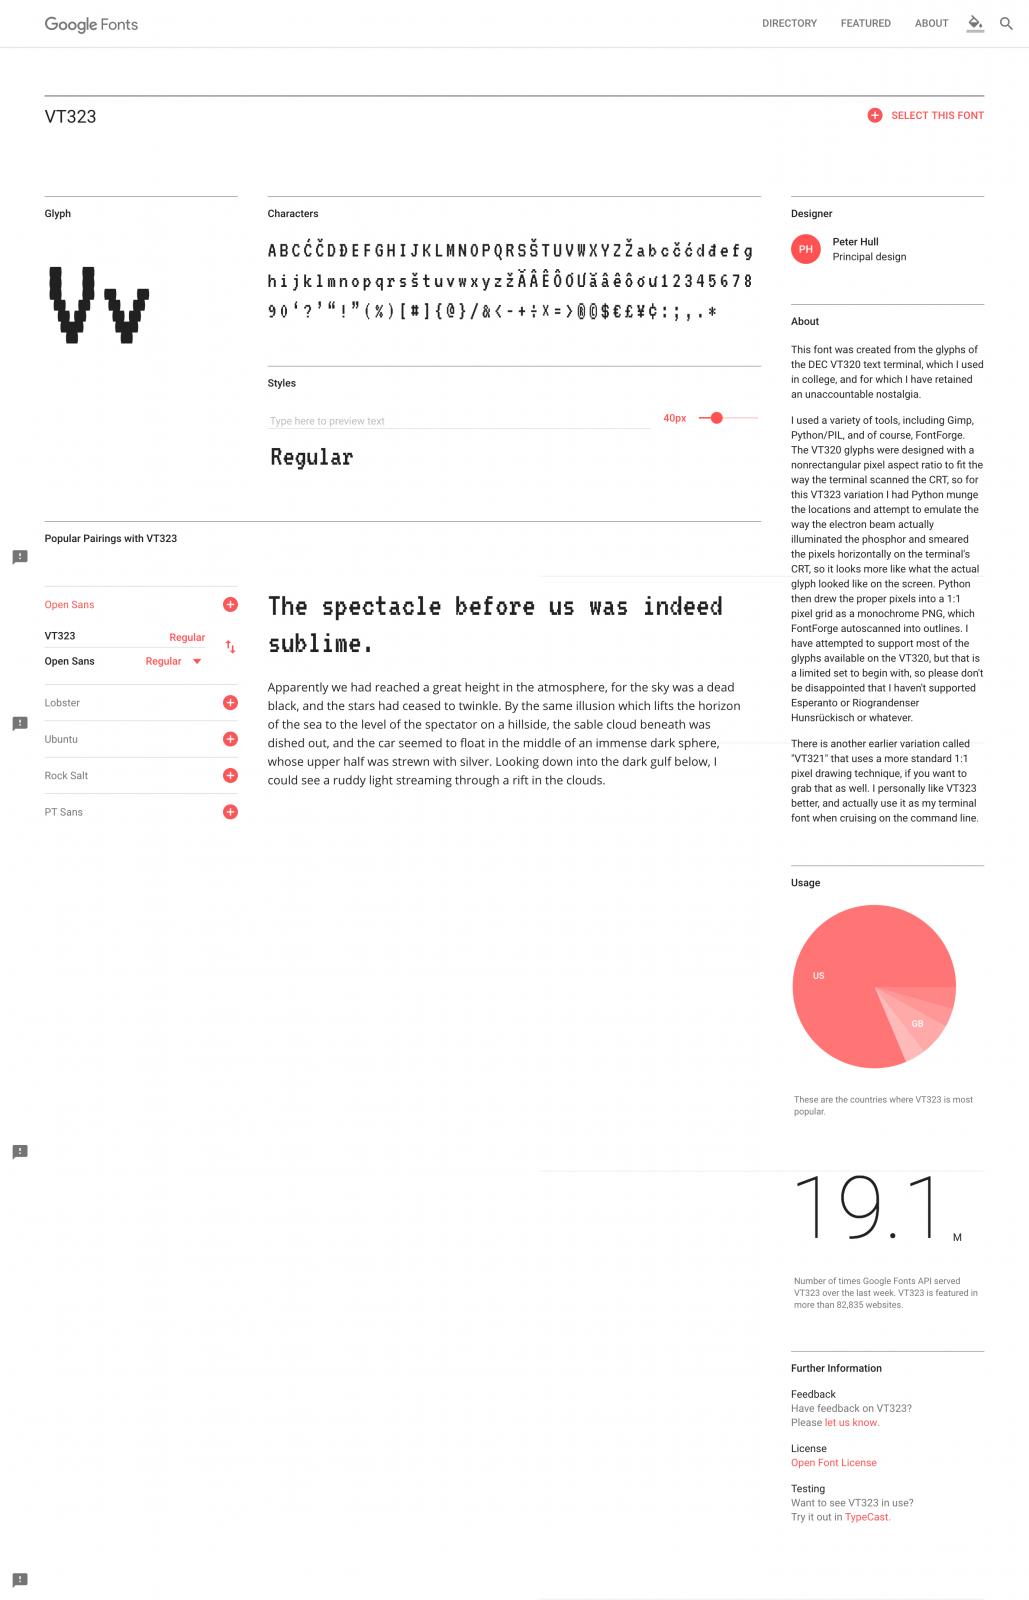 VT323 - Google Fonts